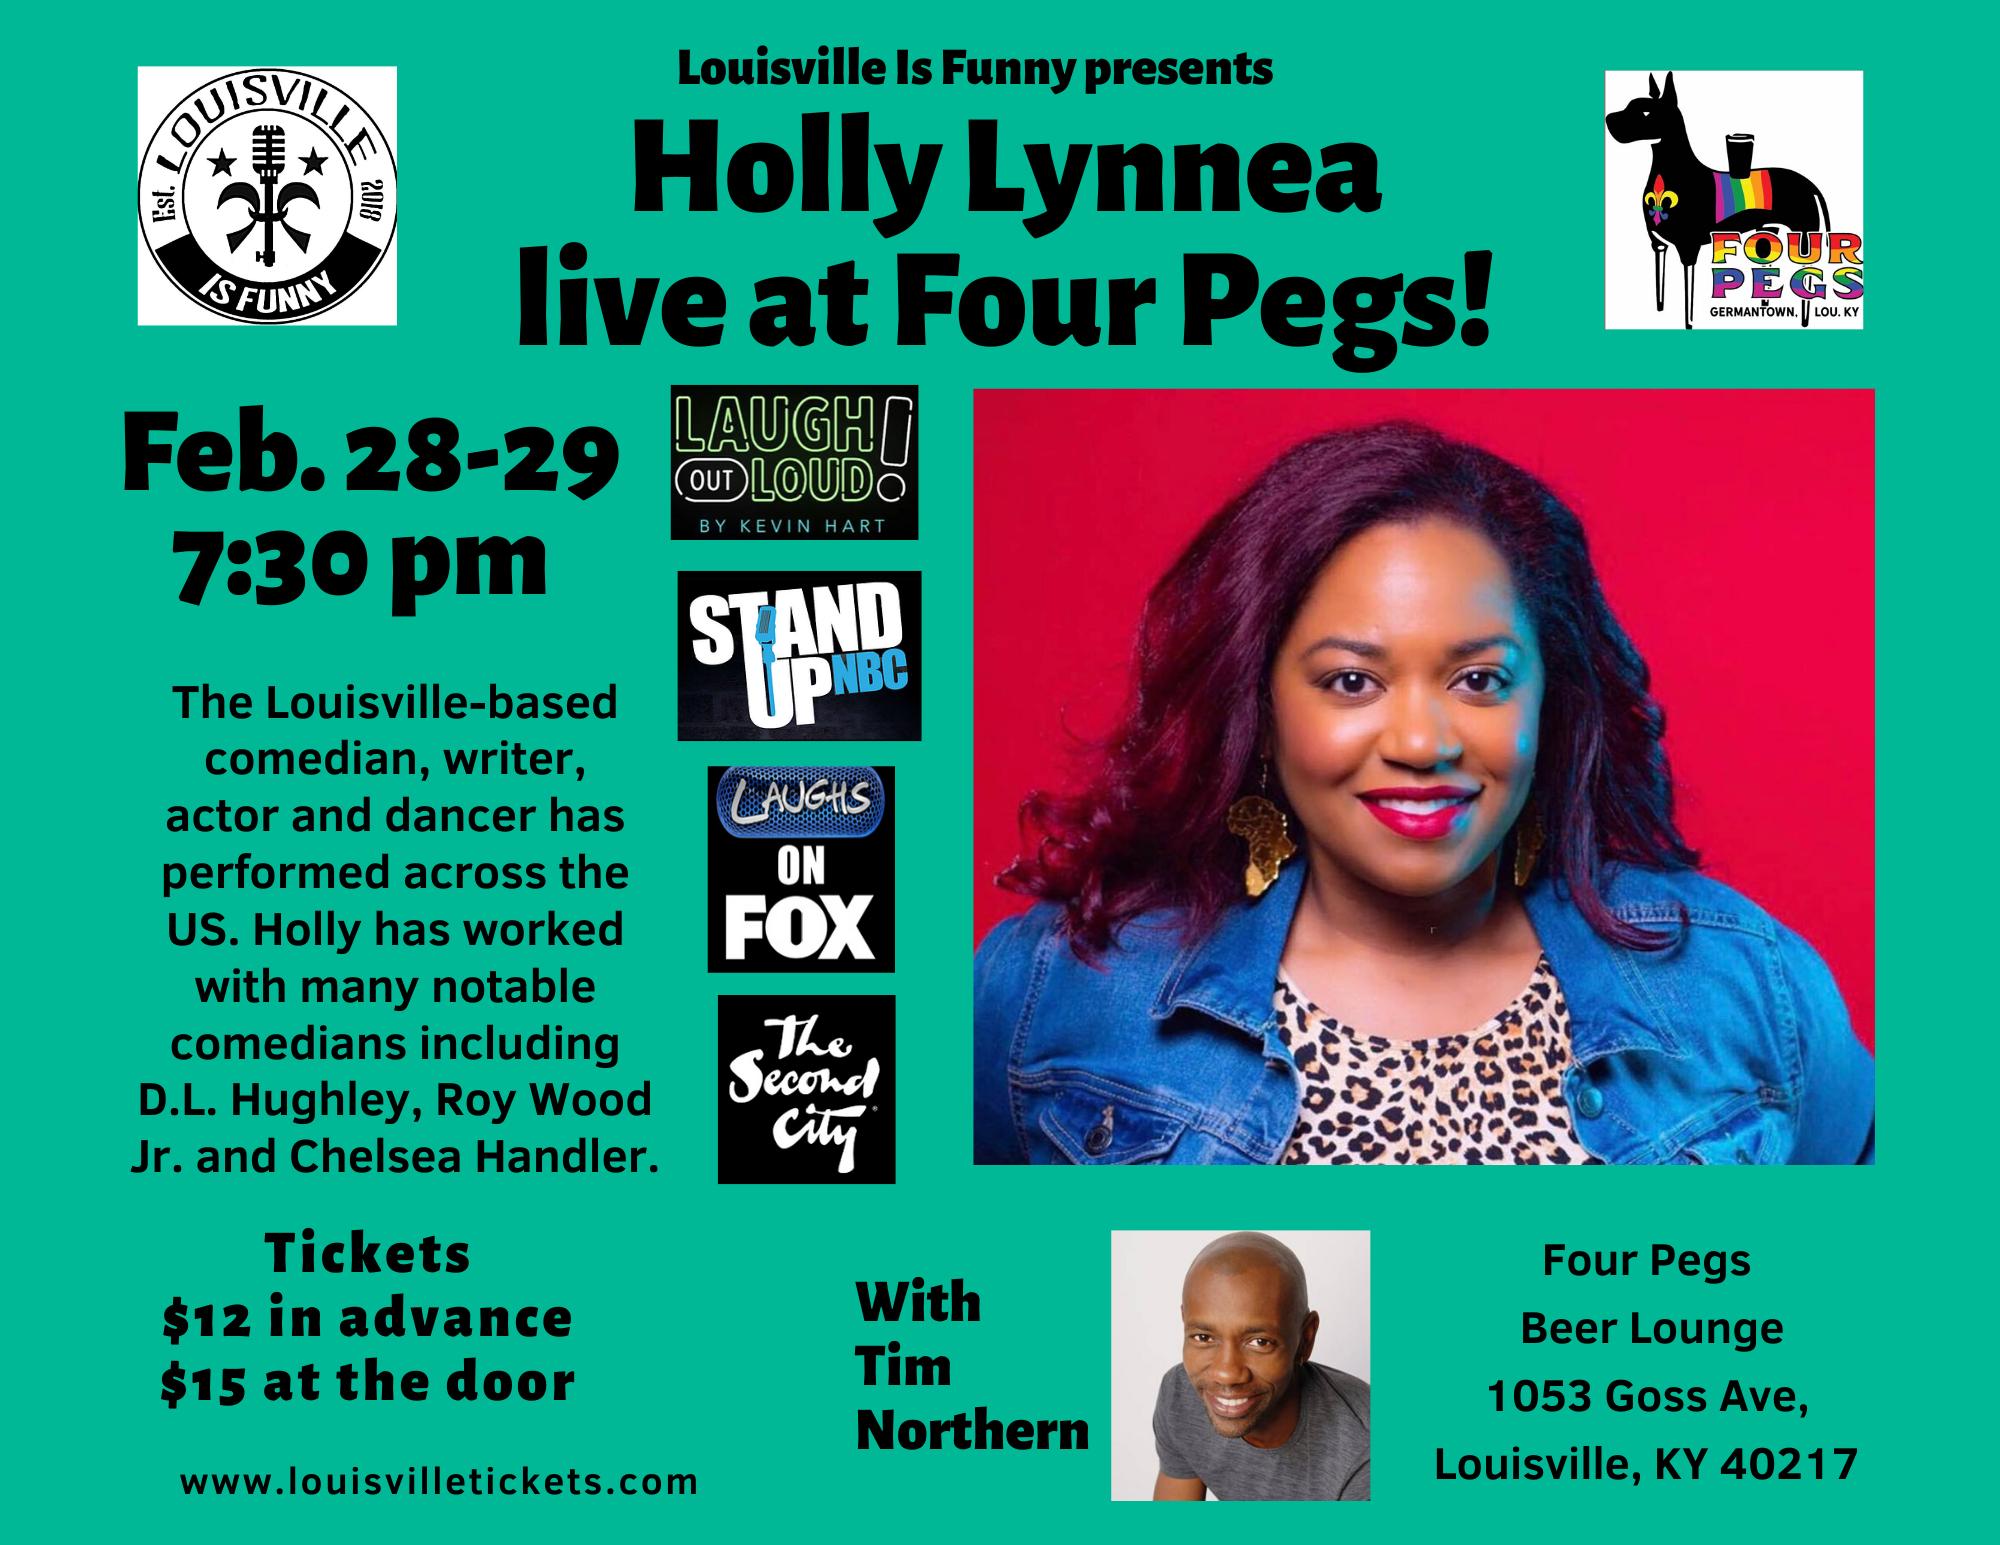 Holly Lynnea Feb. 28-29